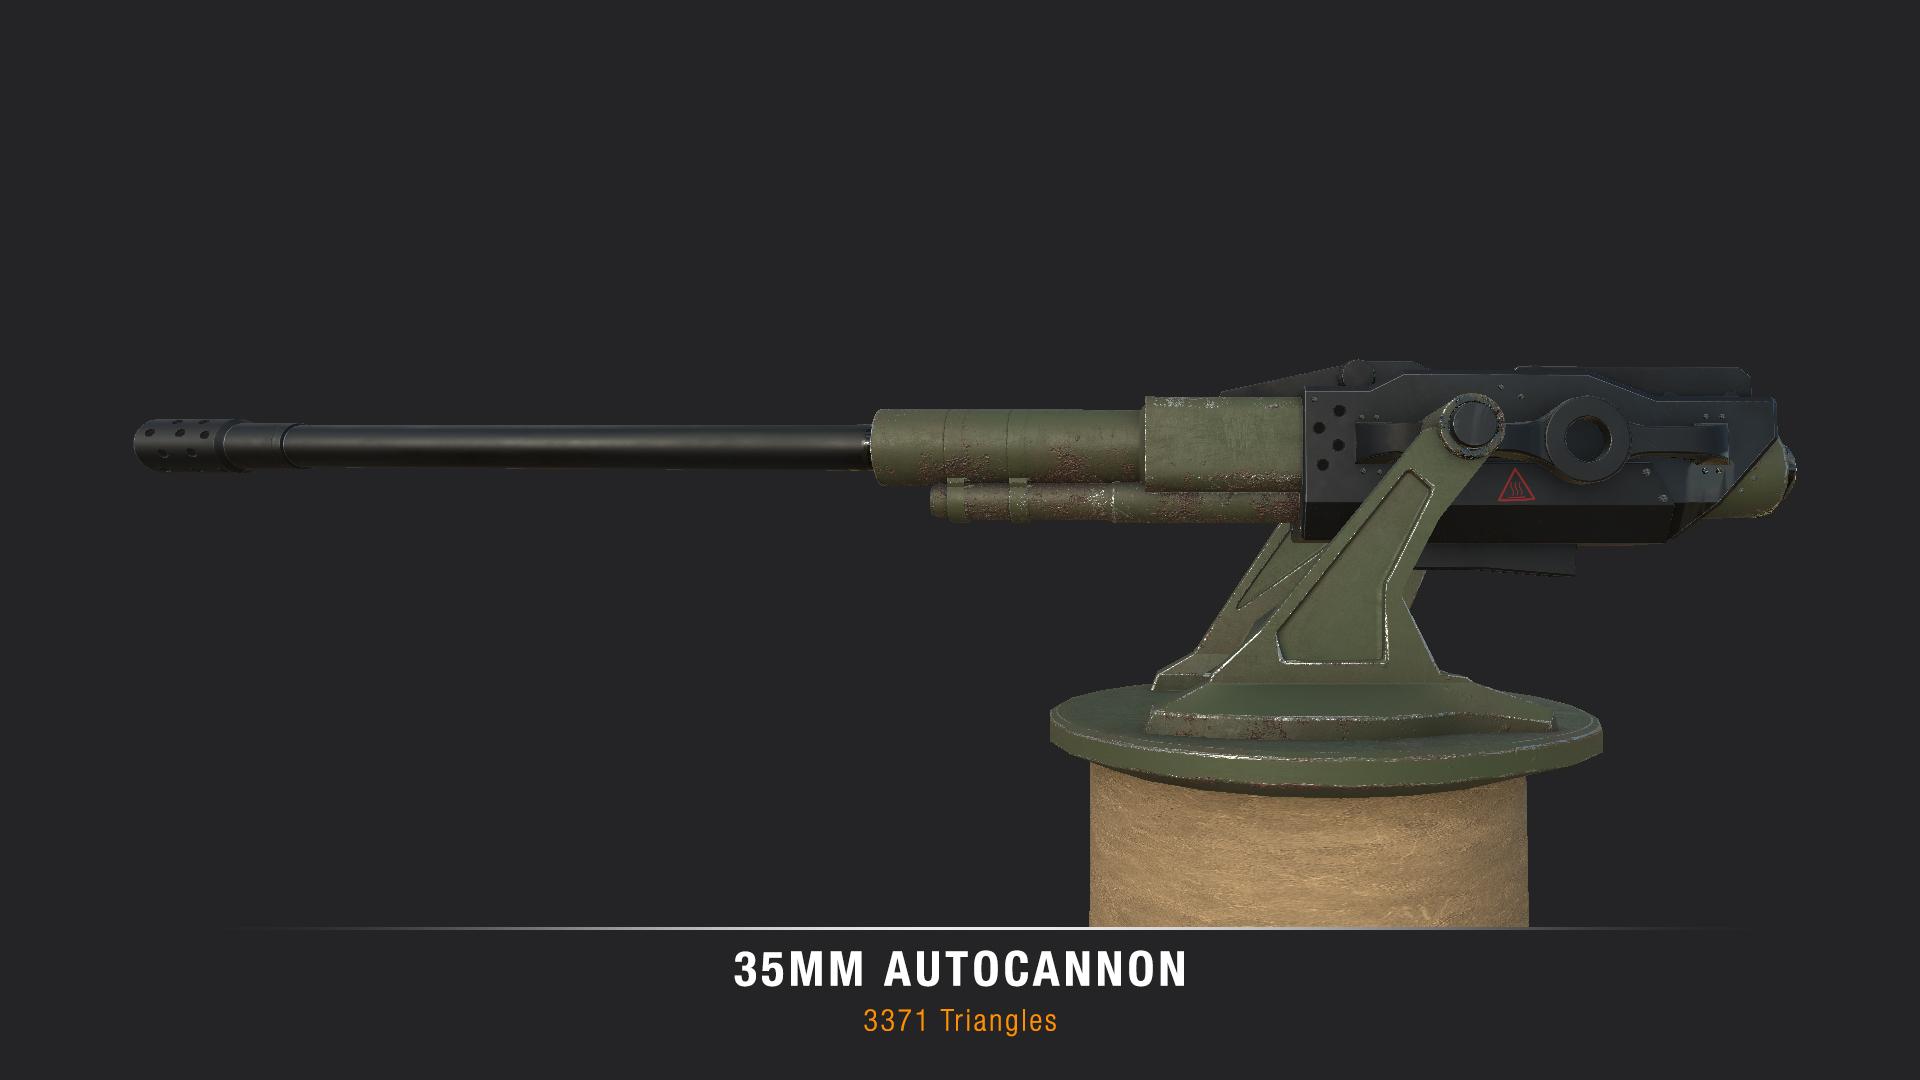 35MM Autocannon